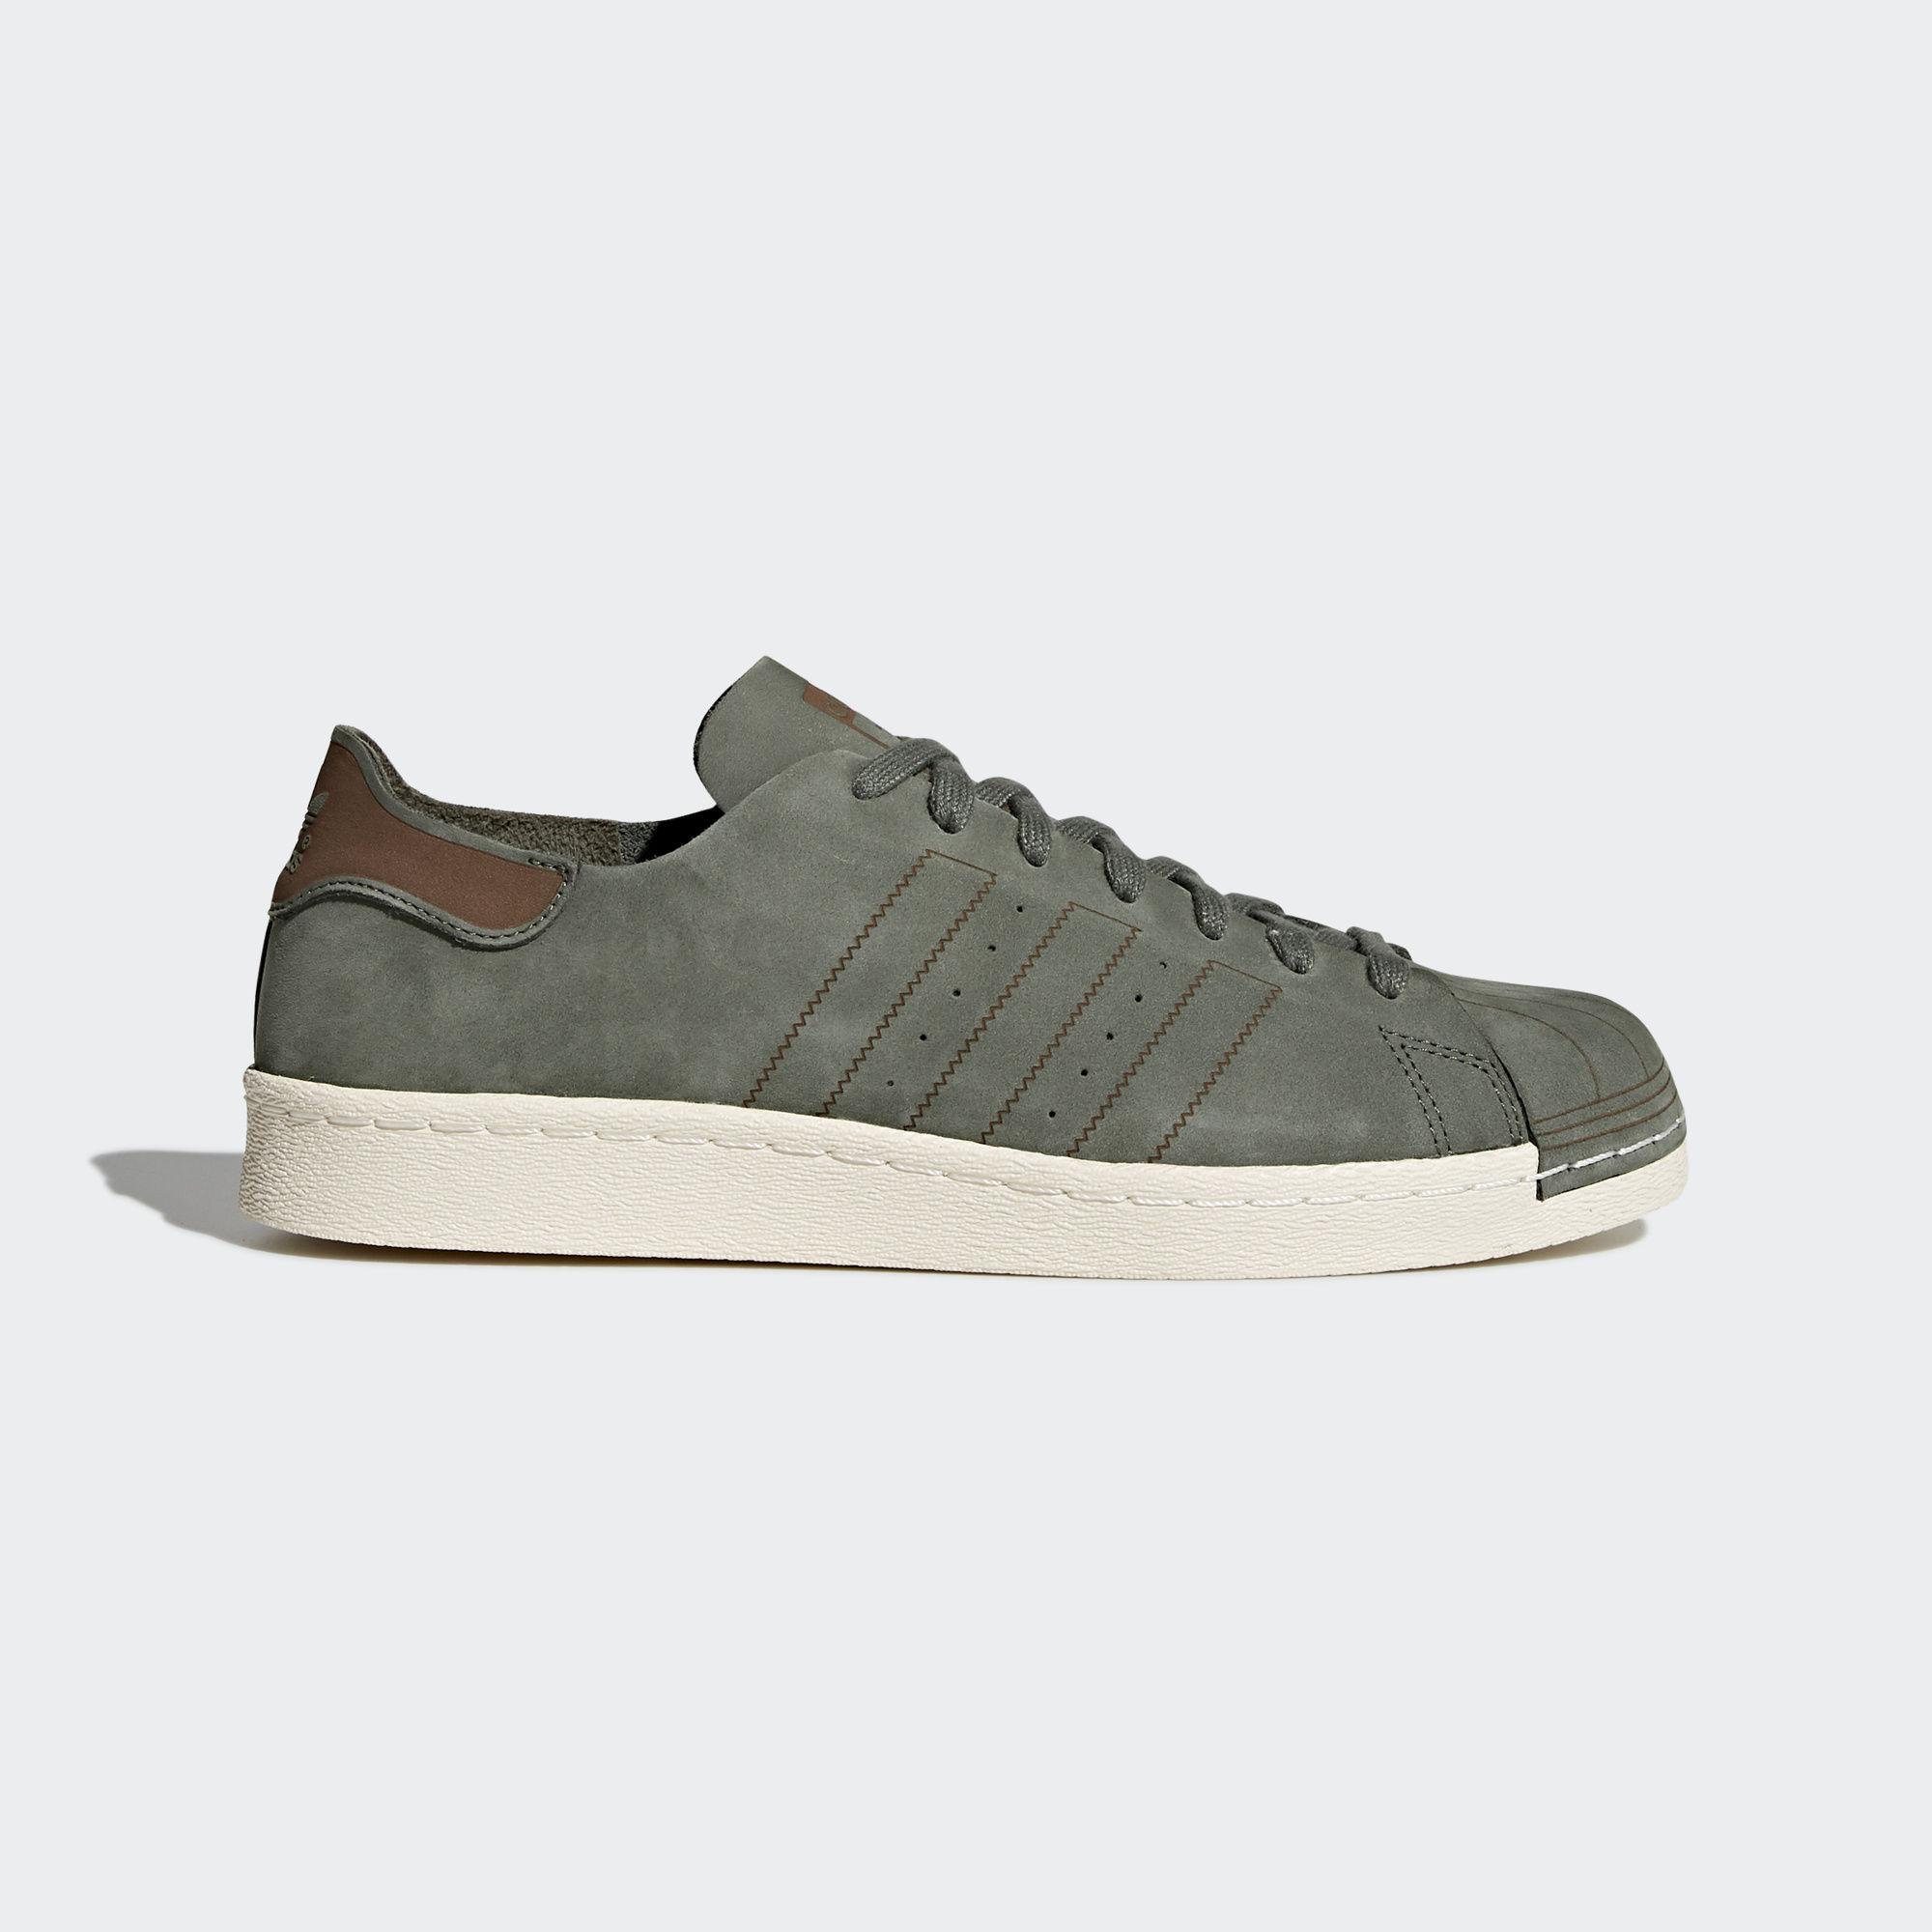 Superstar 80s Decon Shoes   Upp till 70%  